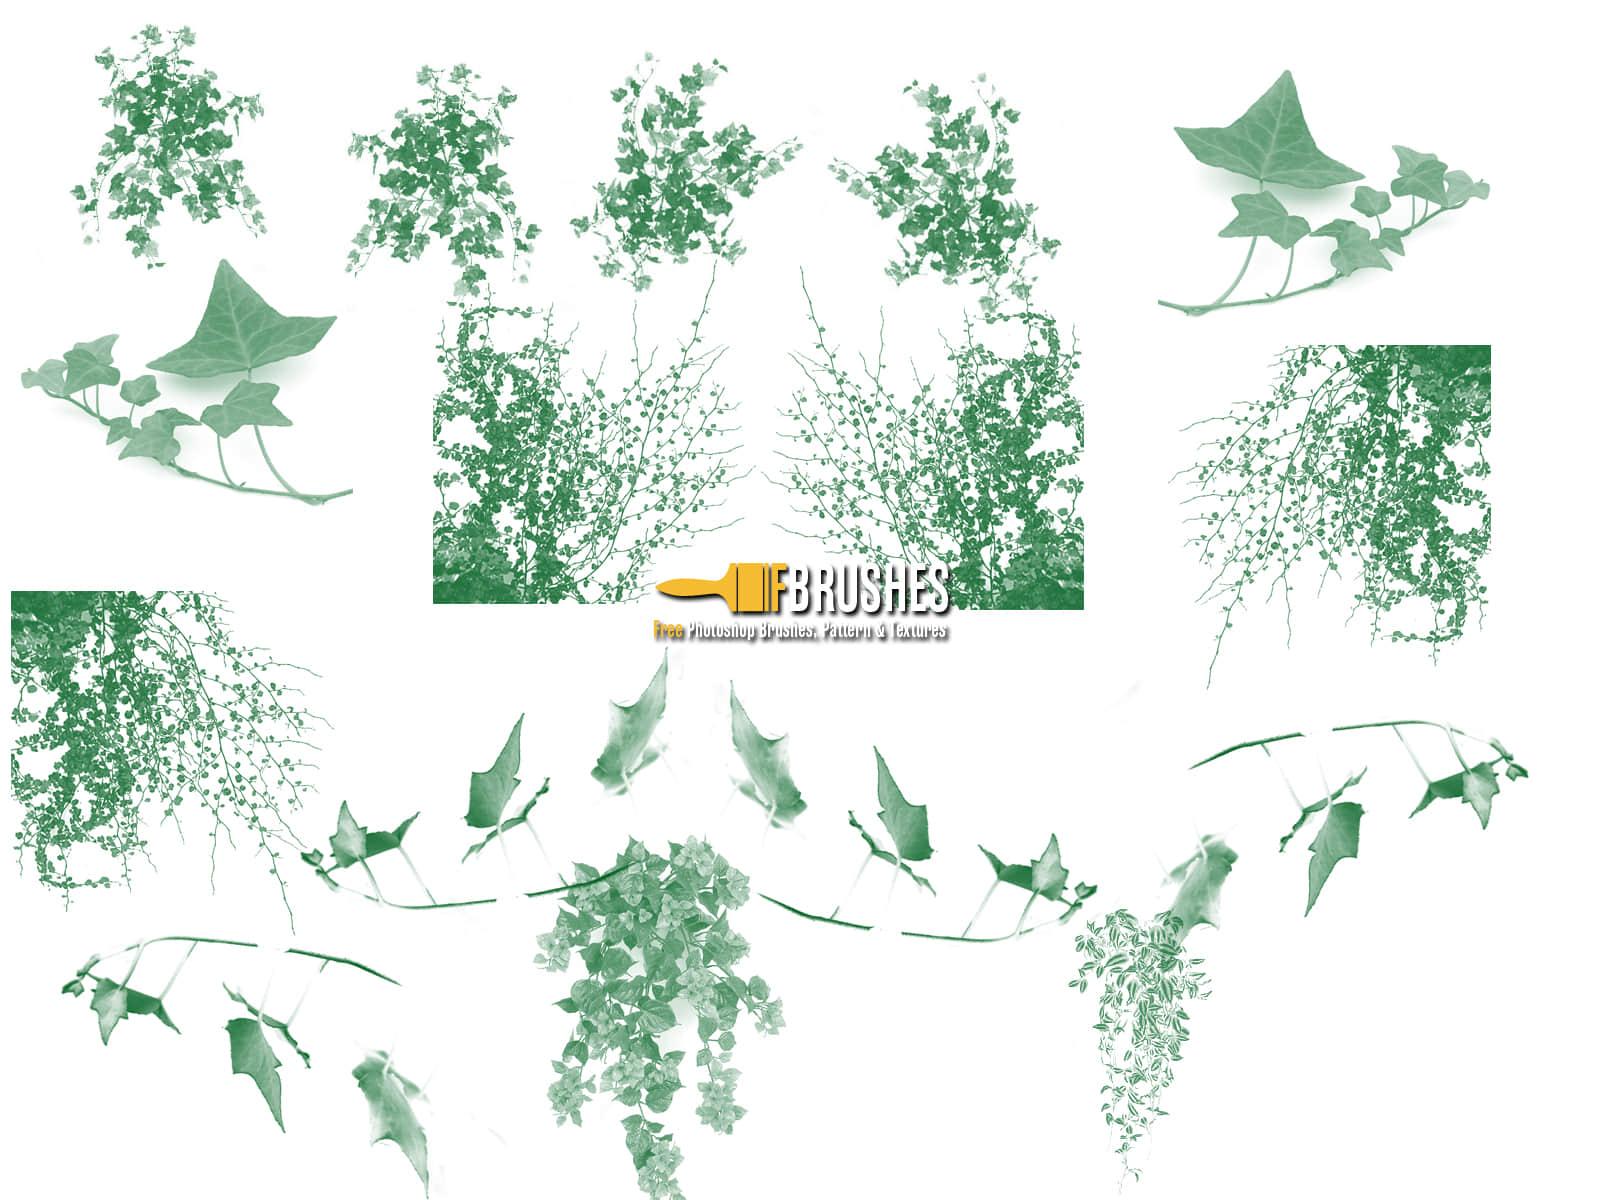 常青藤植物叶子、藤蔓PS笔刷下载 藤蔓笔刷 常青藤笔刷 叶子笔刷  plants brushes